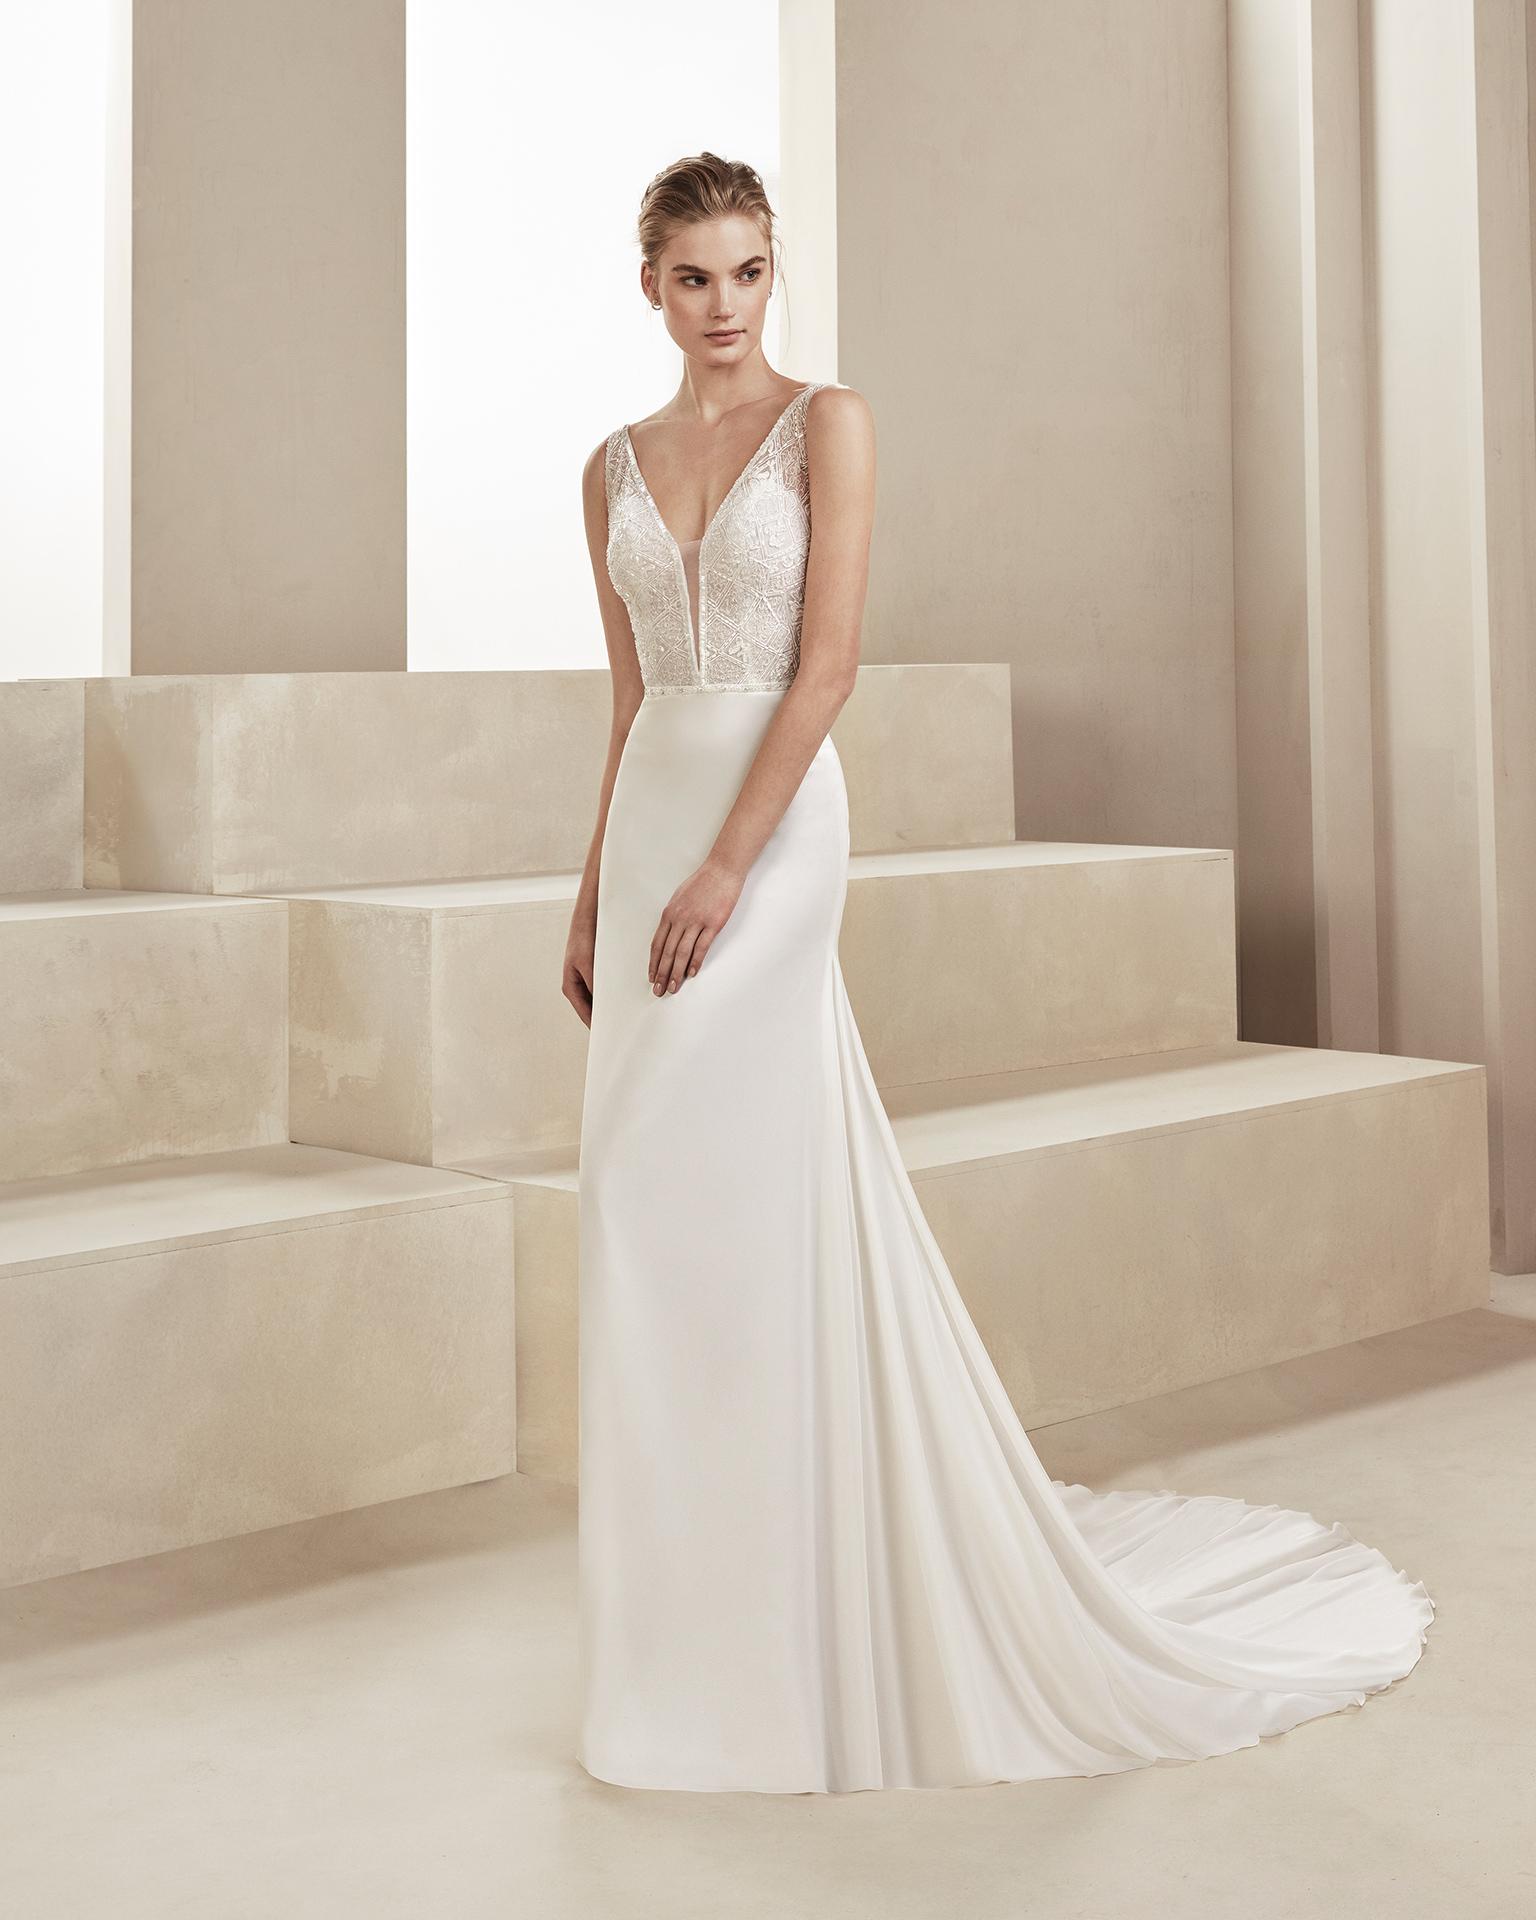 Vestido de novia corte recto en gasa y pedrería. Con escote deep-plunge y espalda en V. Disponible en color natural. Colección ALMANOVIA 2019.